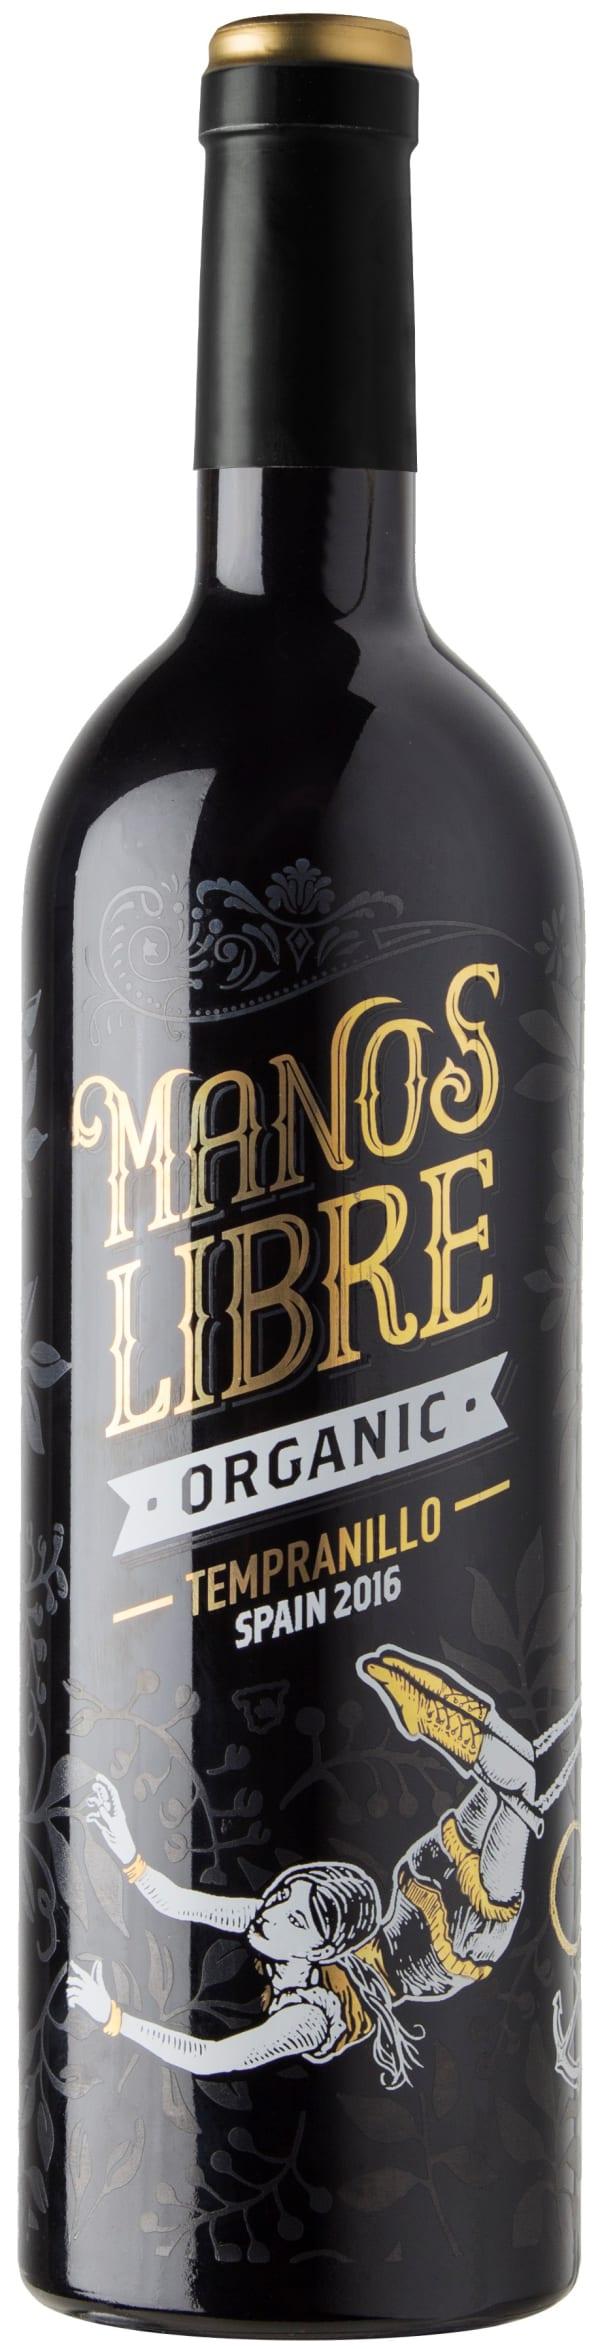 Manos Libre Organic Tempranillo 2016